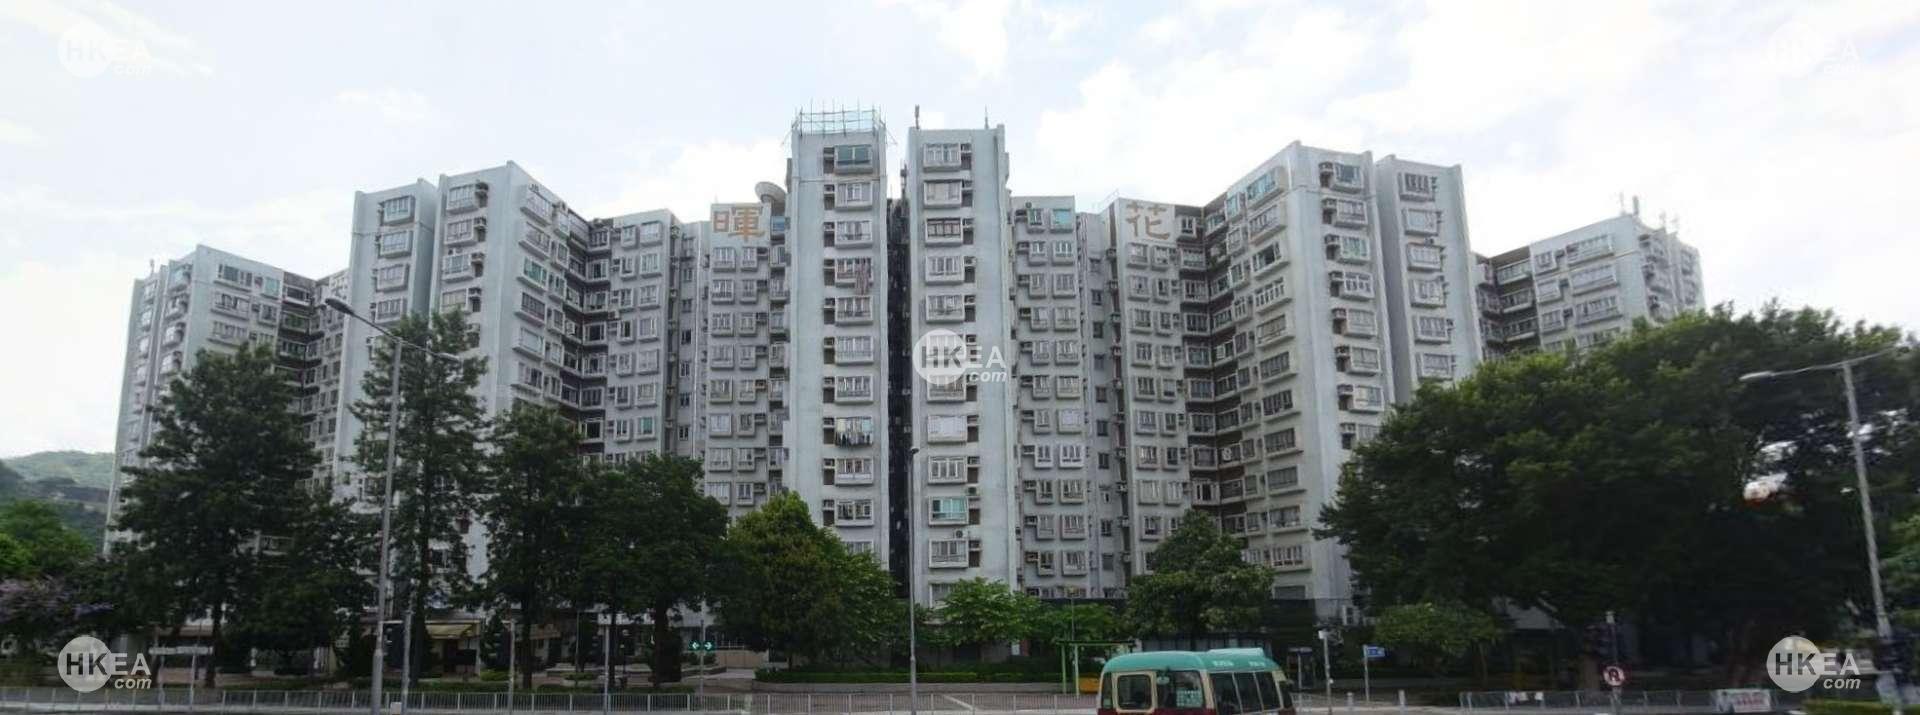 屯門|住宅|彩暉花園|青山公路新墟段 250號